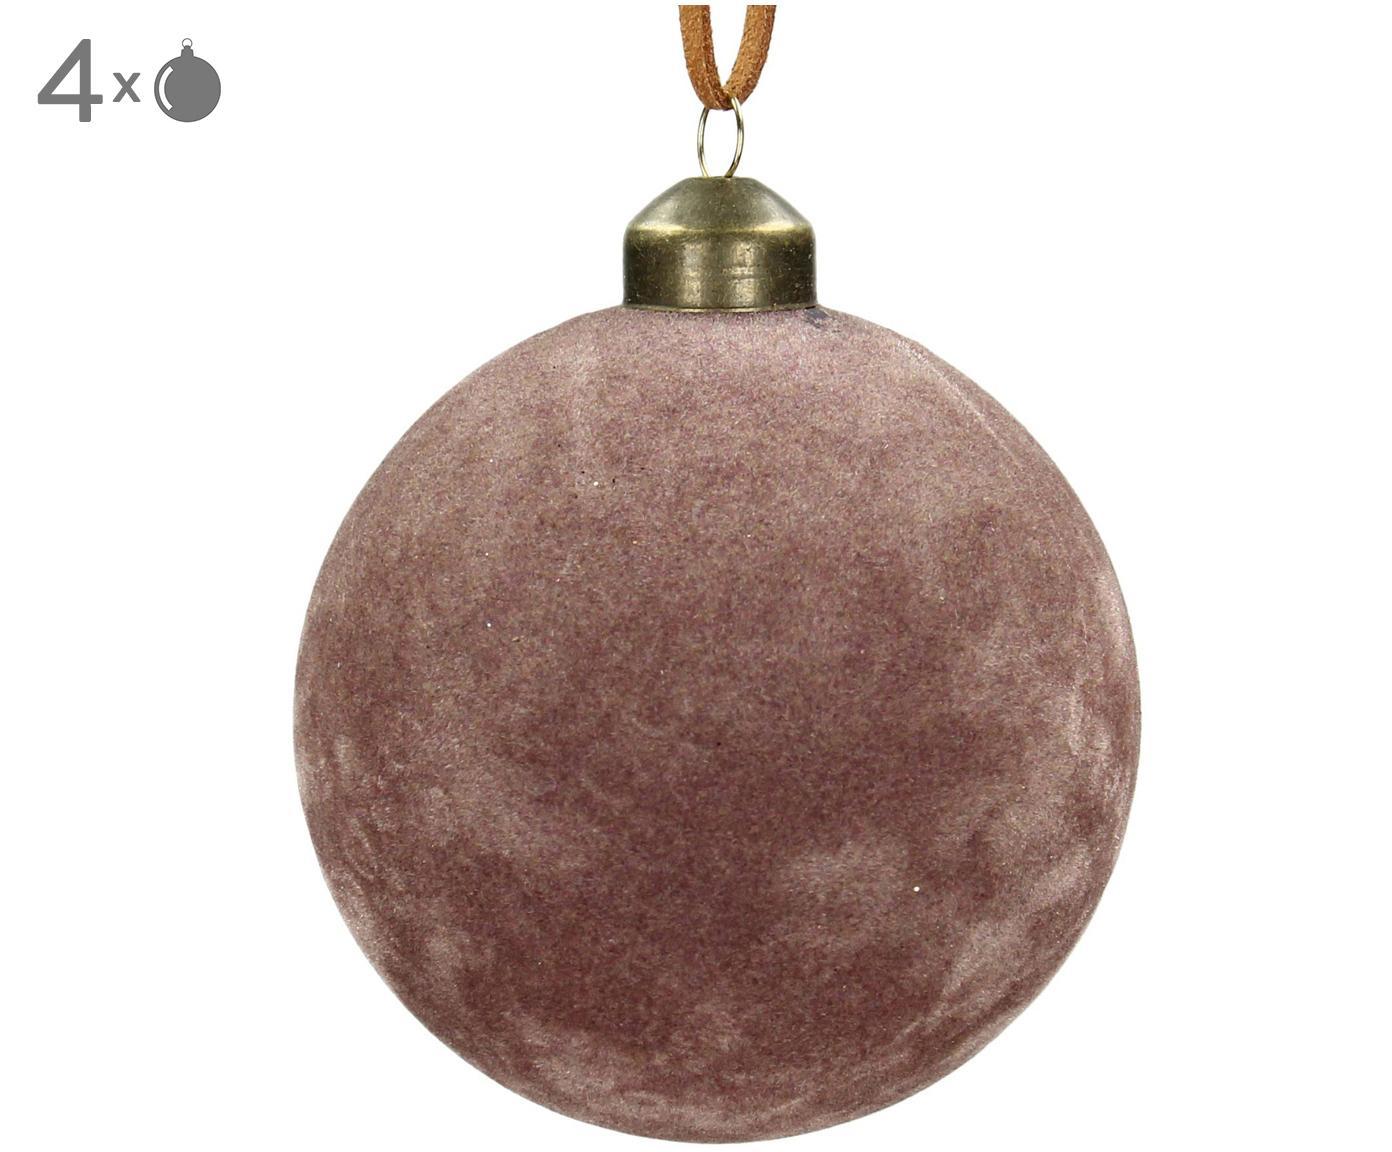 Palla di Natale Velvet, 4 pz., Vetro, velluto di poliestere, Rosa, Ø 8 cm